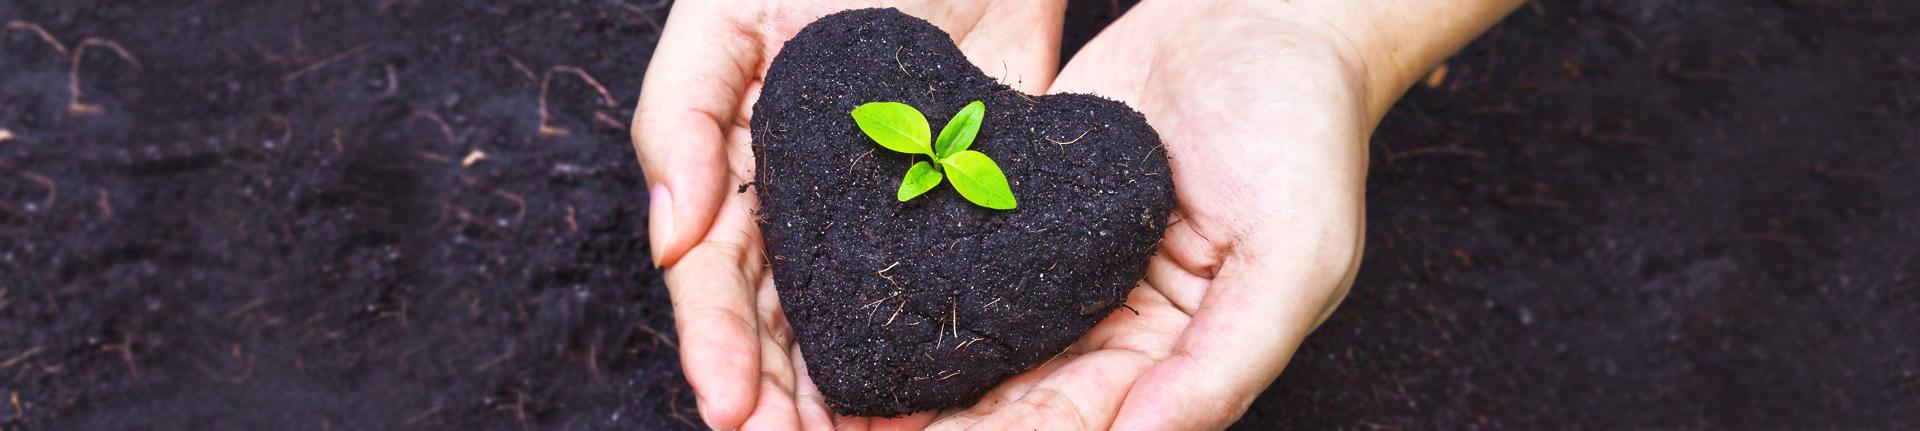 Como reutilizar coisas em casa e proteger o meio ambiente